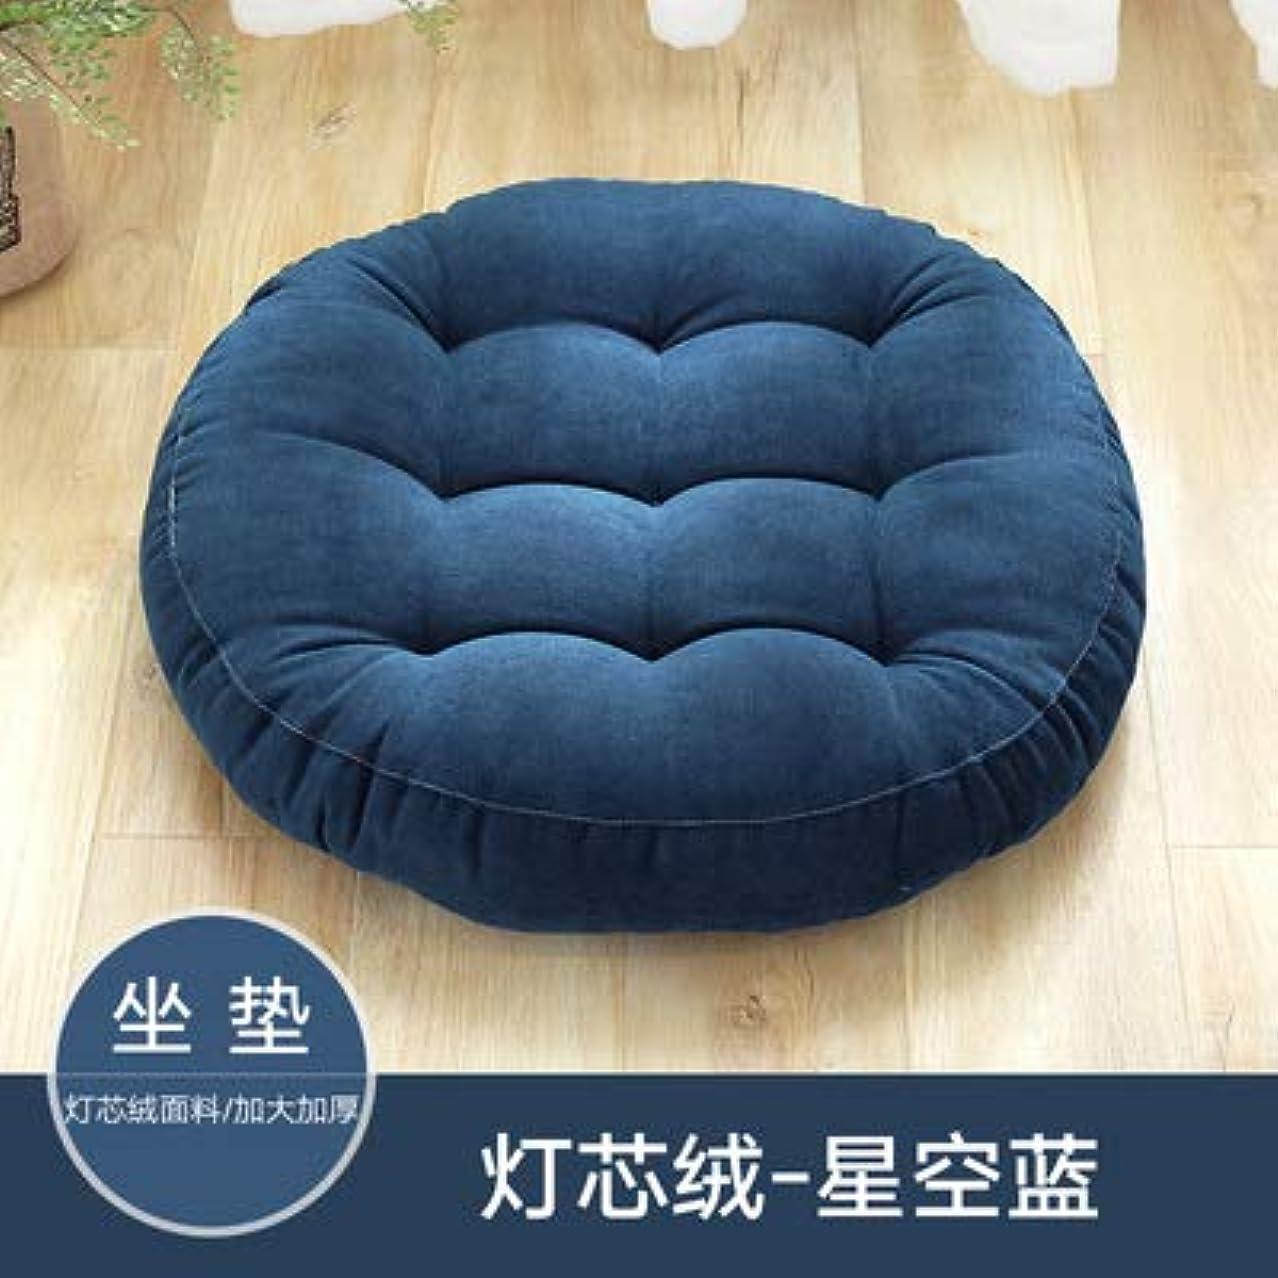 することになっている薄める再現するLIFE ラウンド厚い椅子のクッションフロアマットレスシートパッドソフトホームオフィスチェアクッションマットソフトスロー枕最高品質の床クッション クッション 椅子